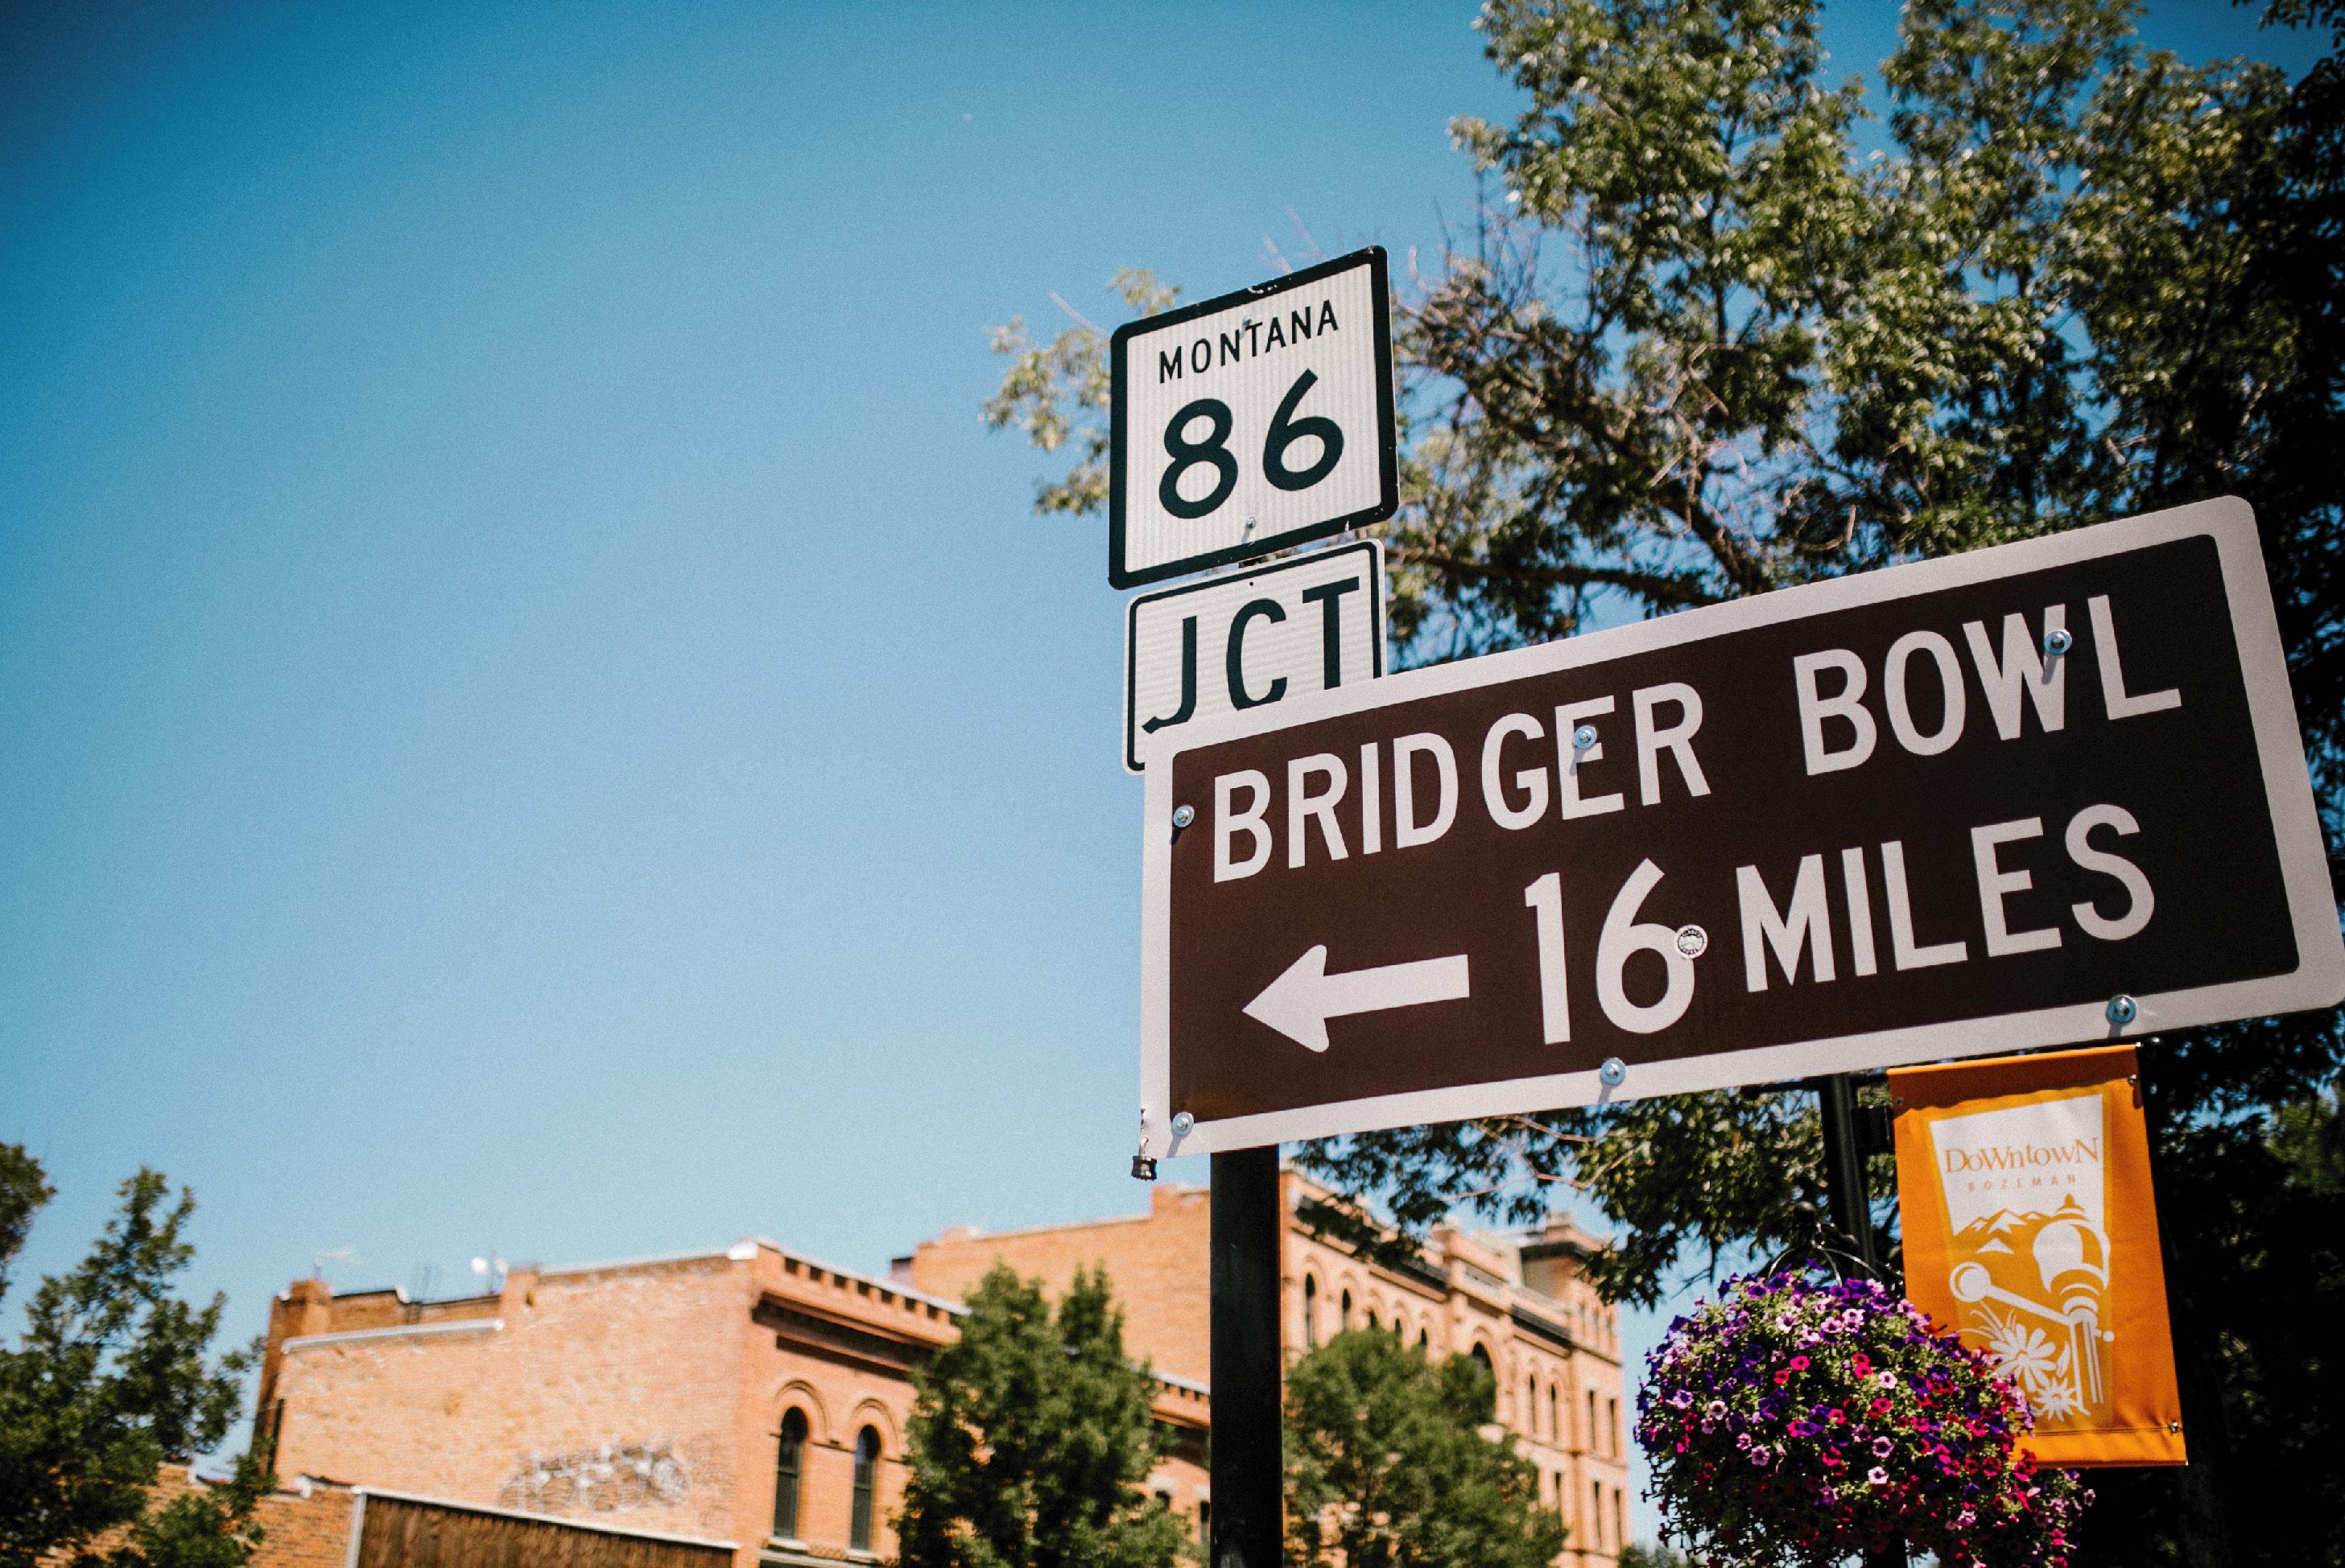 bridger bowl sign in downtown bozeman